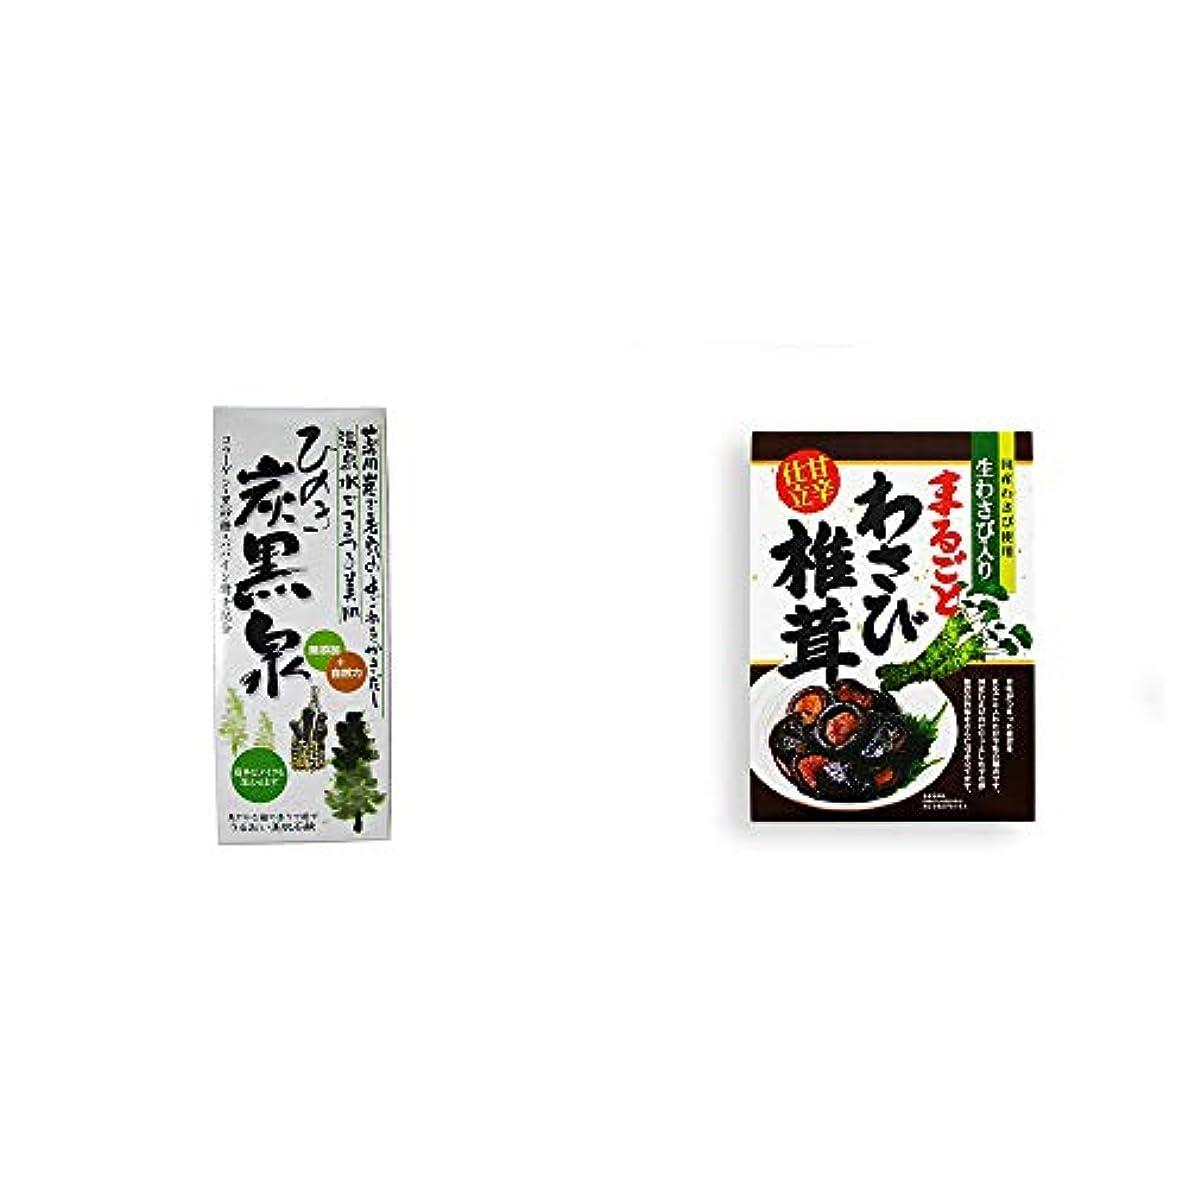 [2点セット] ひのき炭黒泉 箱入り(75g×3)?まるごとわさび椎茸(200g)